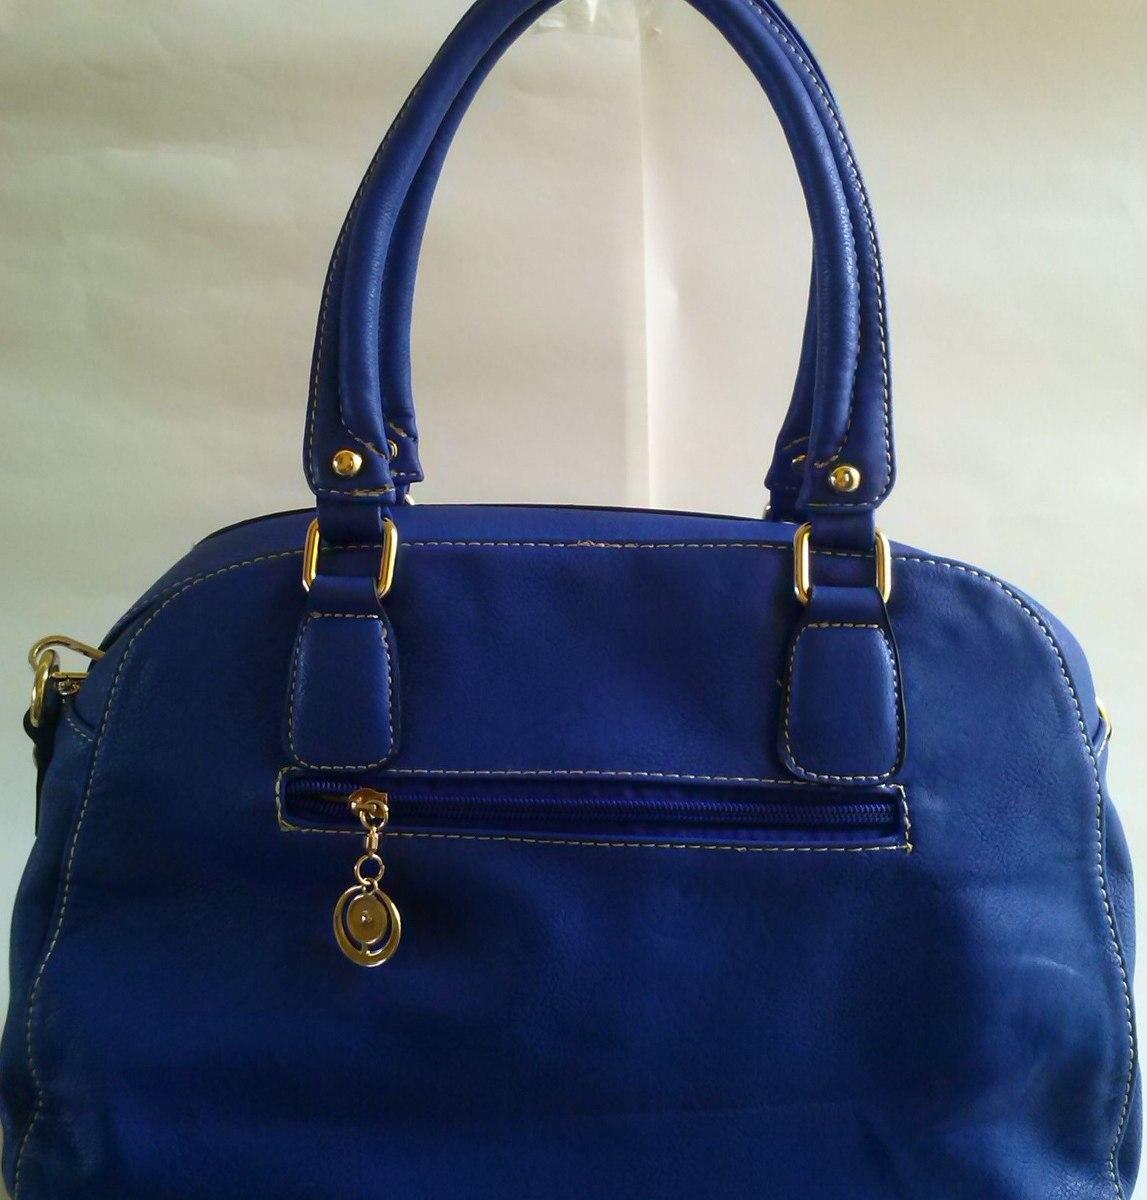 813d26a93 25 De Março Bolsas / Bolsa Feminina Promocao - R$ 160,00 em Mercado ...